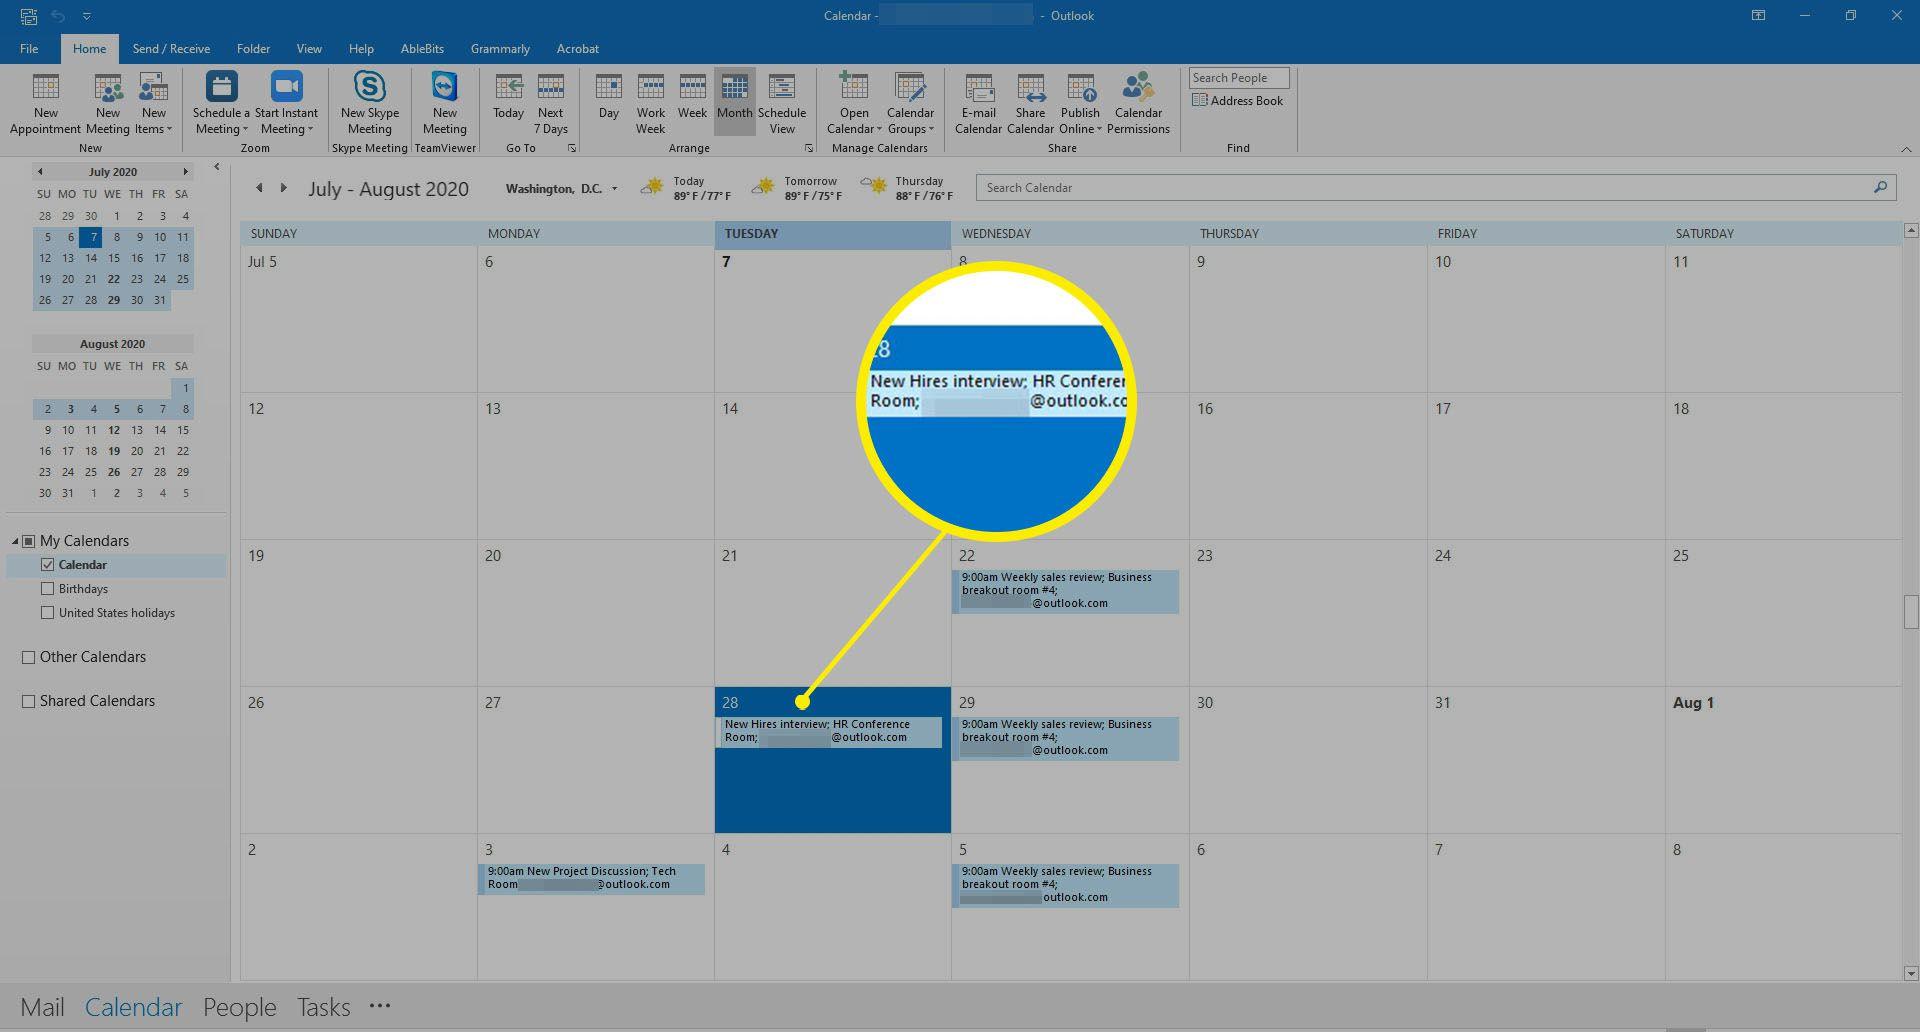 Opening up a meeting on an Outlook calendar.